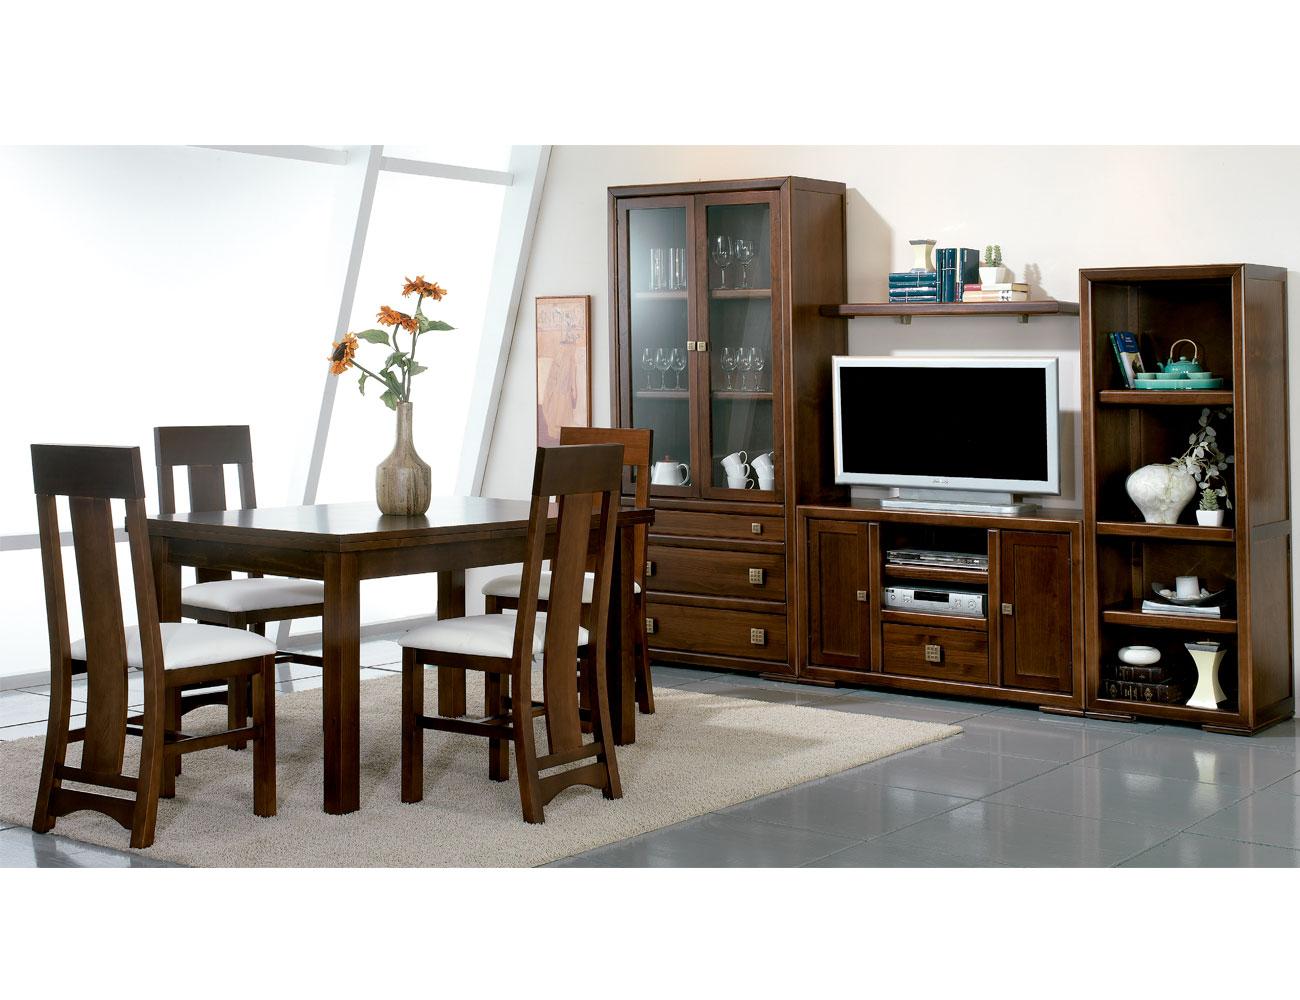 Mueble zapatero con puertas abatibles en madera de pino for Mueble zapatero de pino